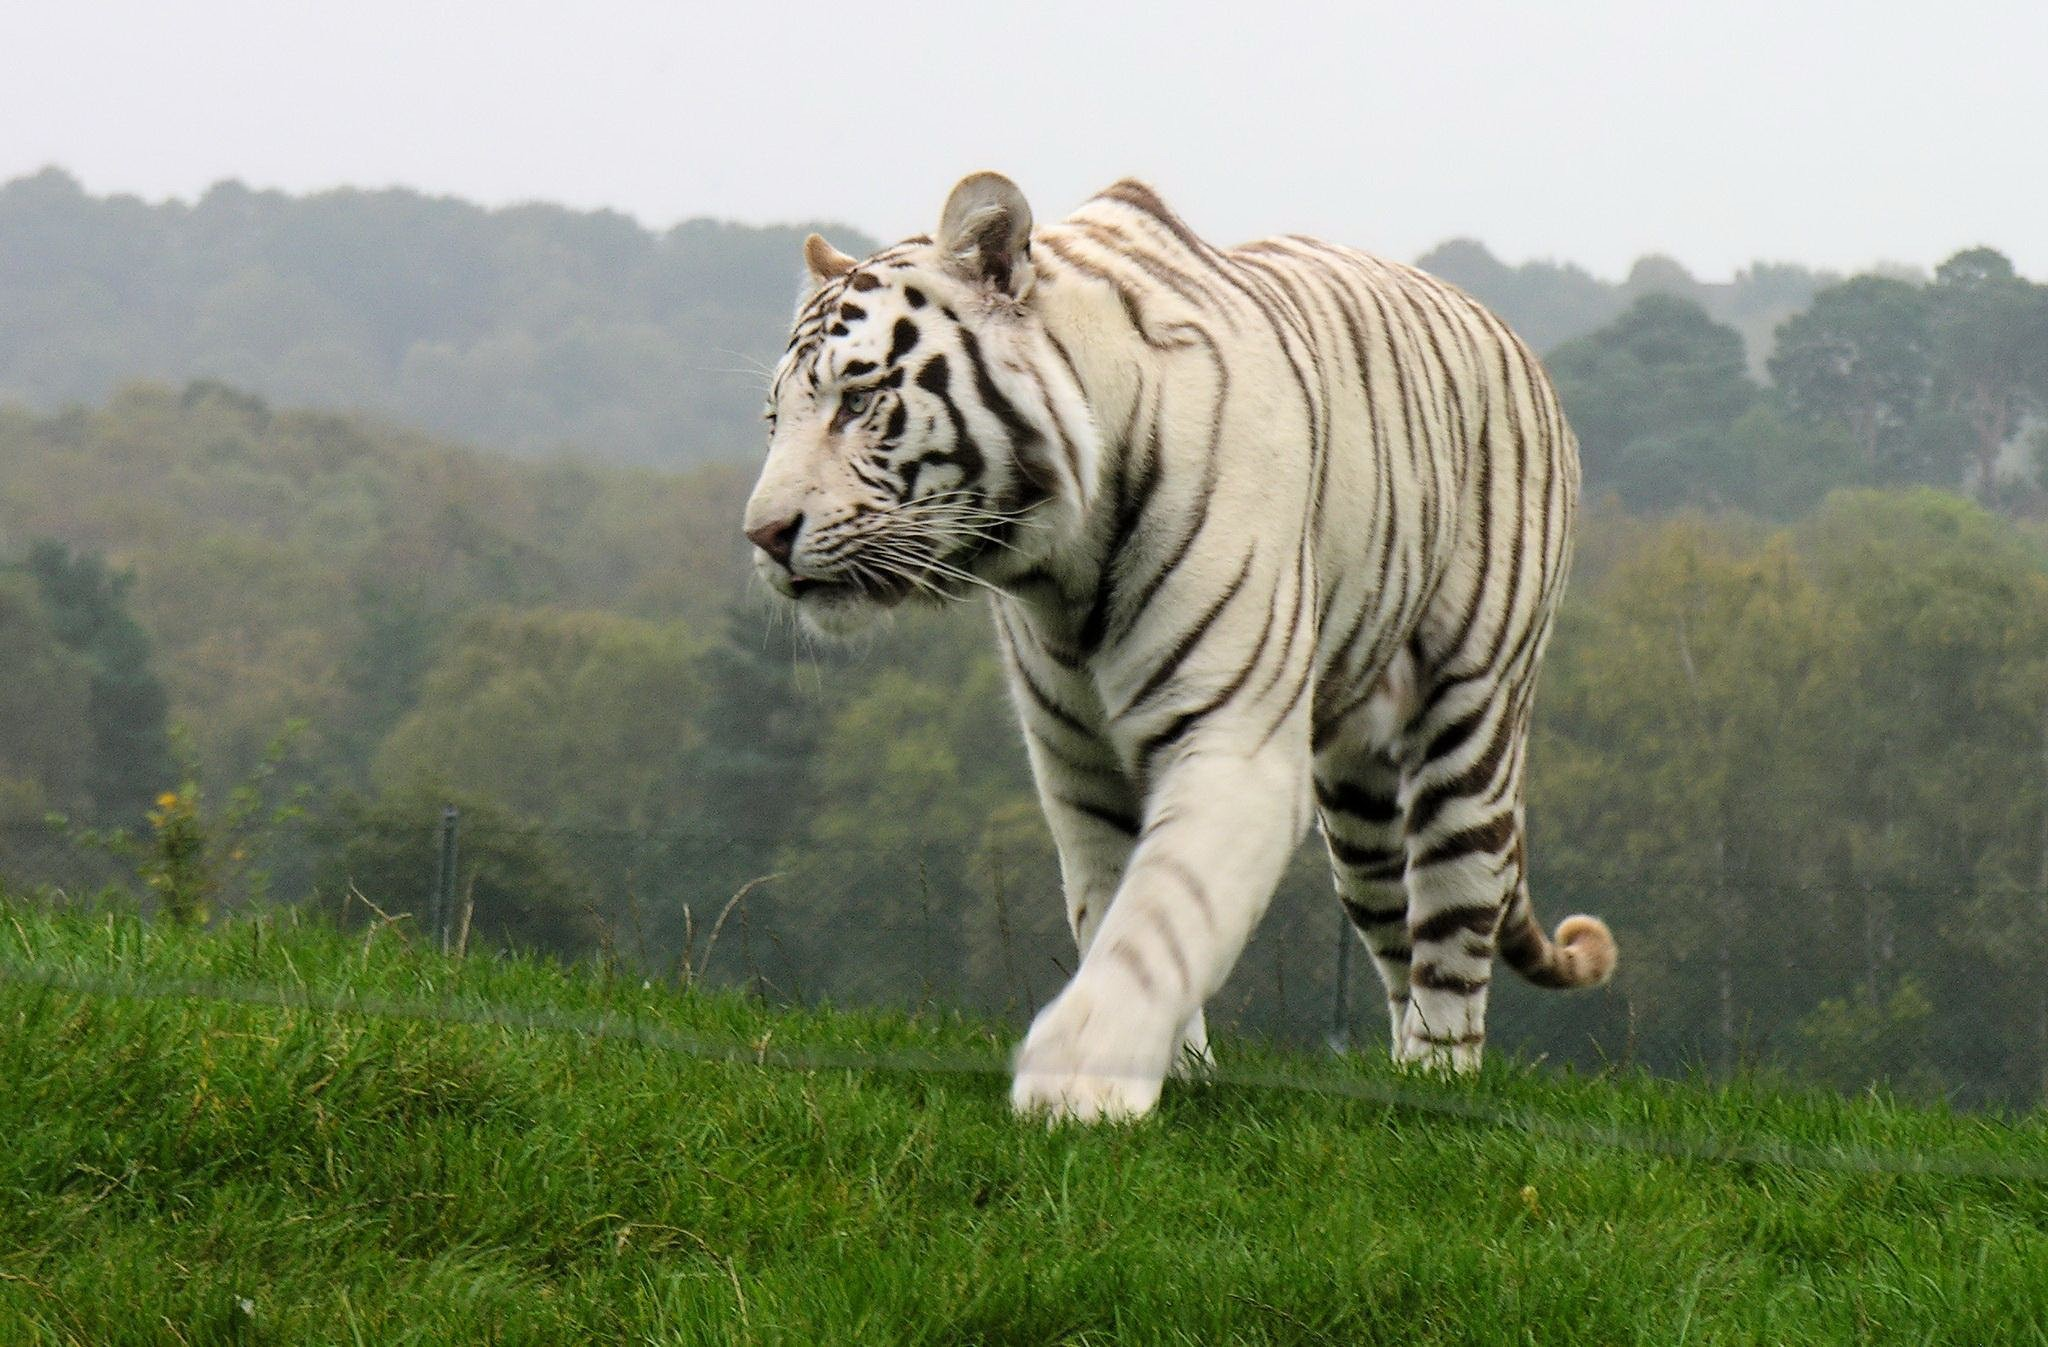 зоопарки сохраняют животных от вымирания